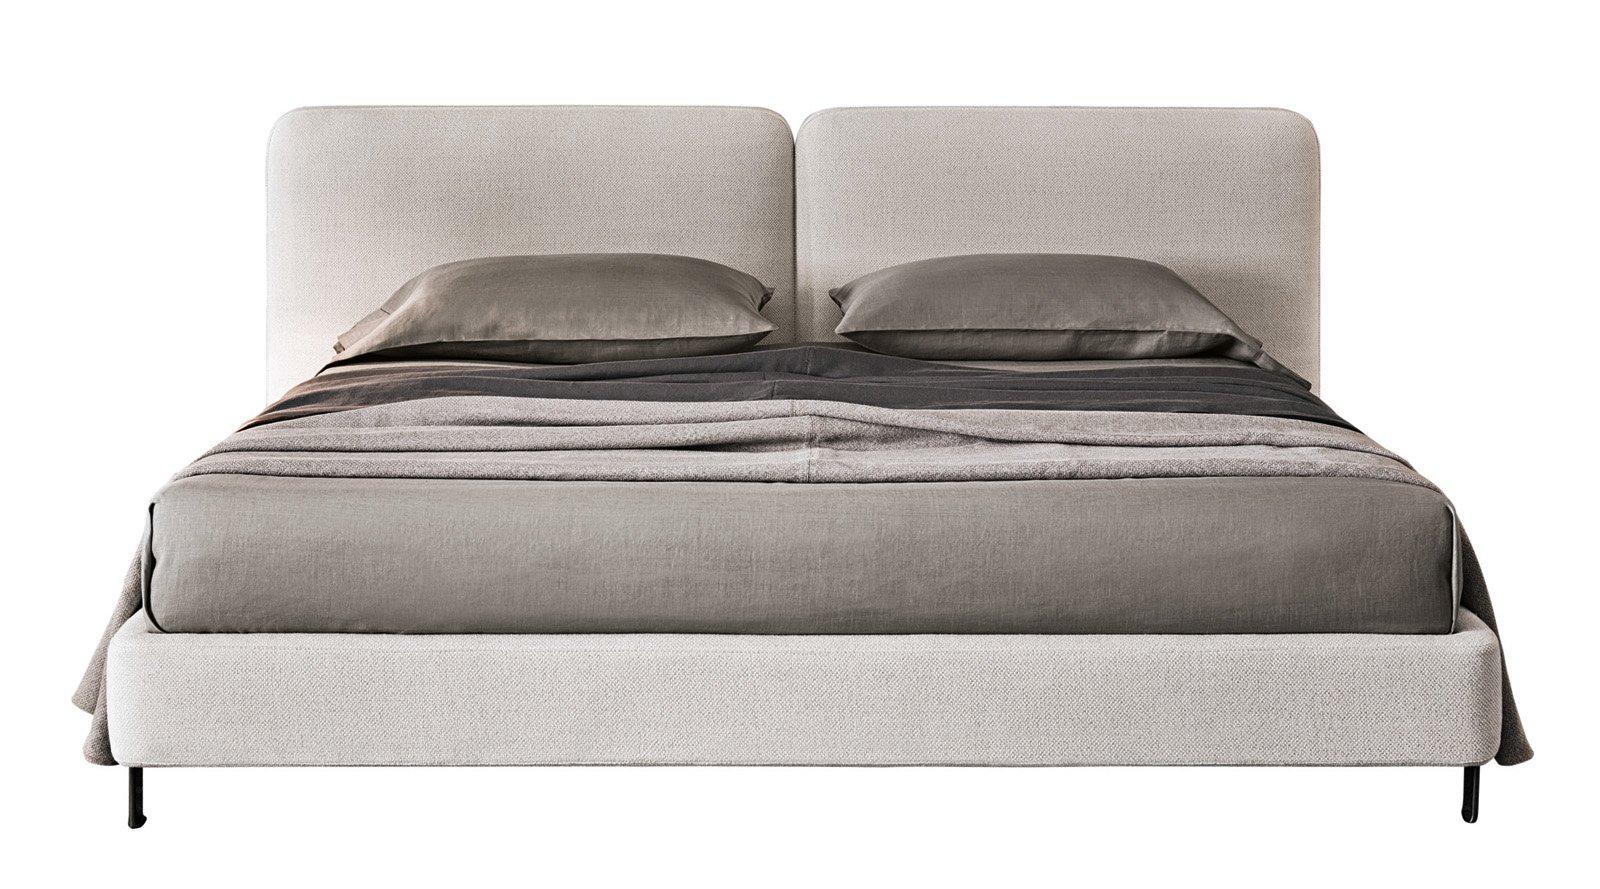 Cuscini testata letto online - Cuscino testata letto ...